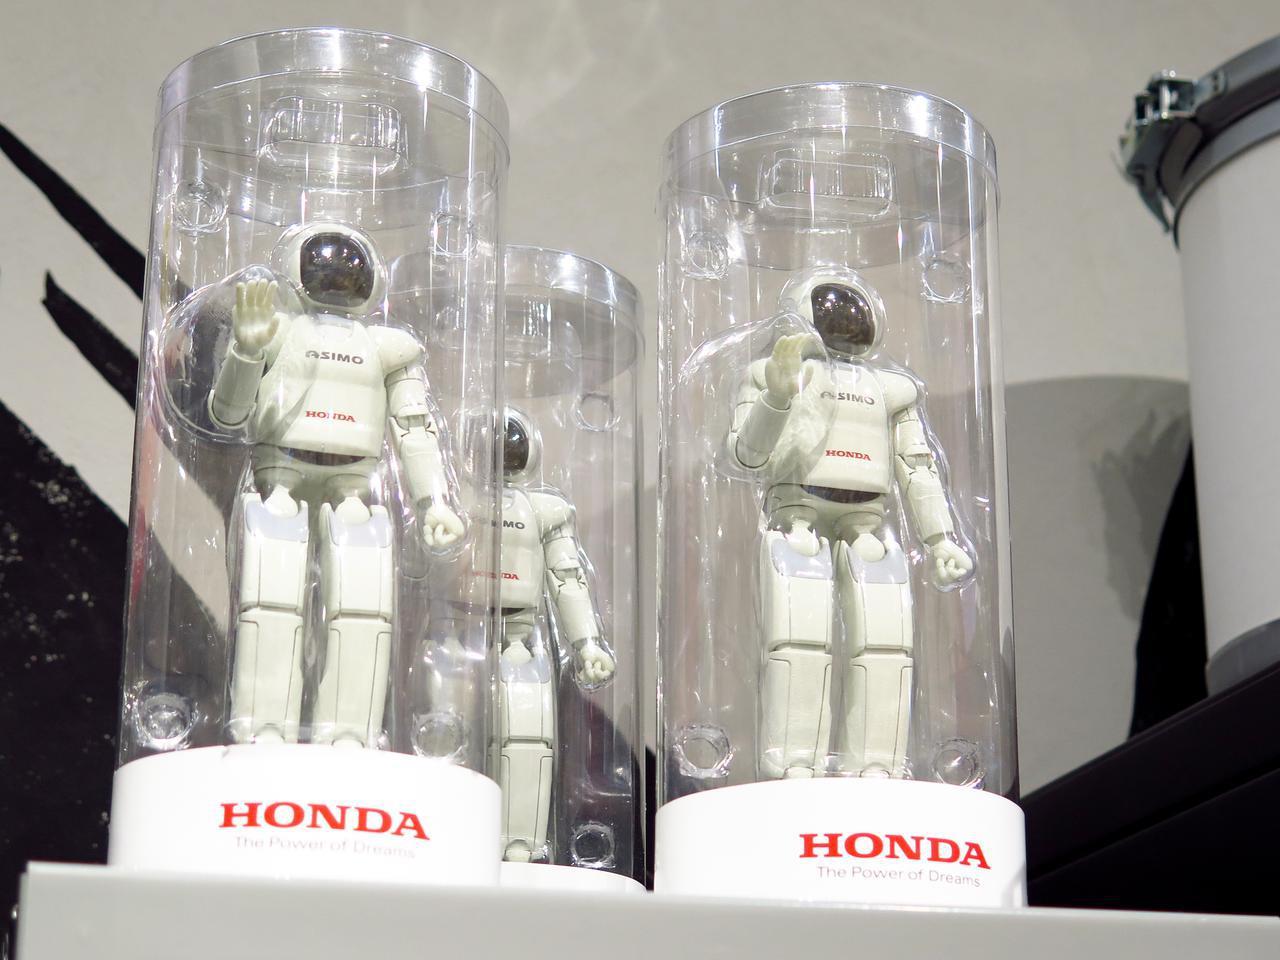 画像4: 「Hondaウエルカムプラザ青山」に行ってきました! 観光目的にはもちろん、いろいろと使えるおしゃれスポットにリニューアル